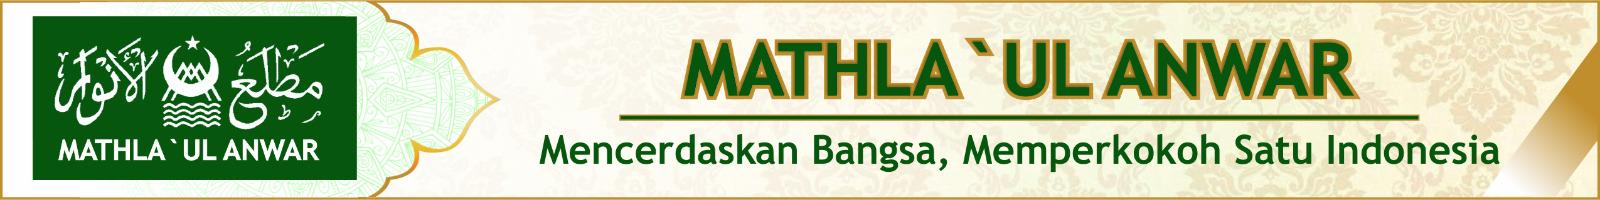 Mathla'ul Anwar